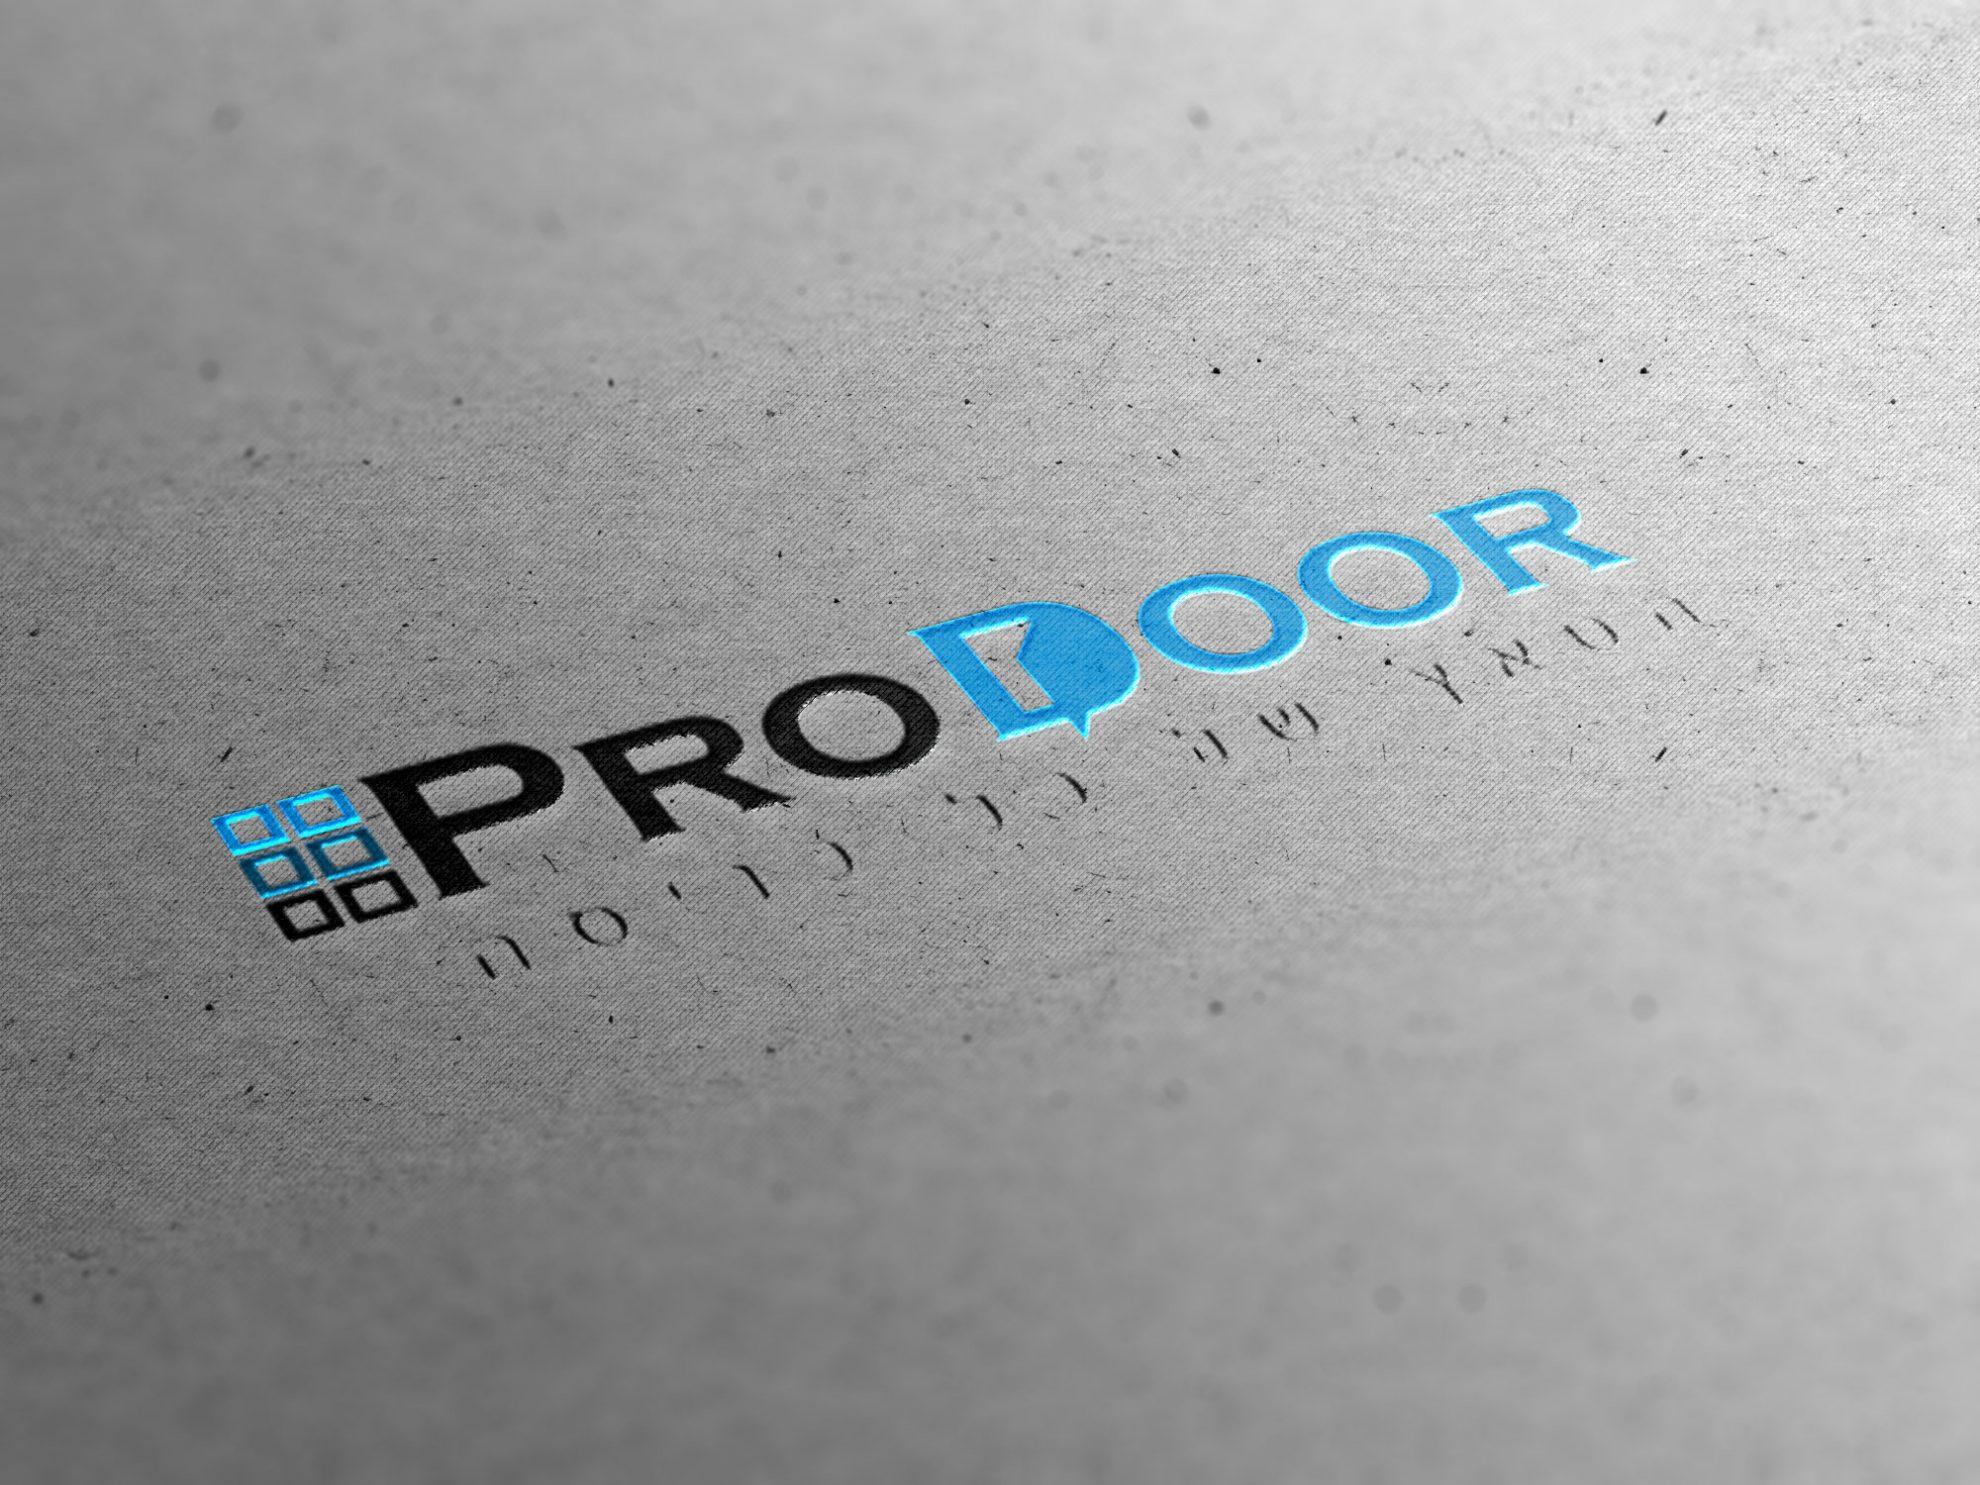 logo-mockup-ALL-LOGOS-LAST-PRODOOR